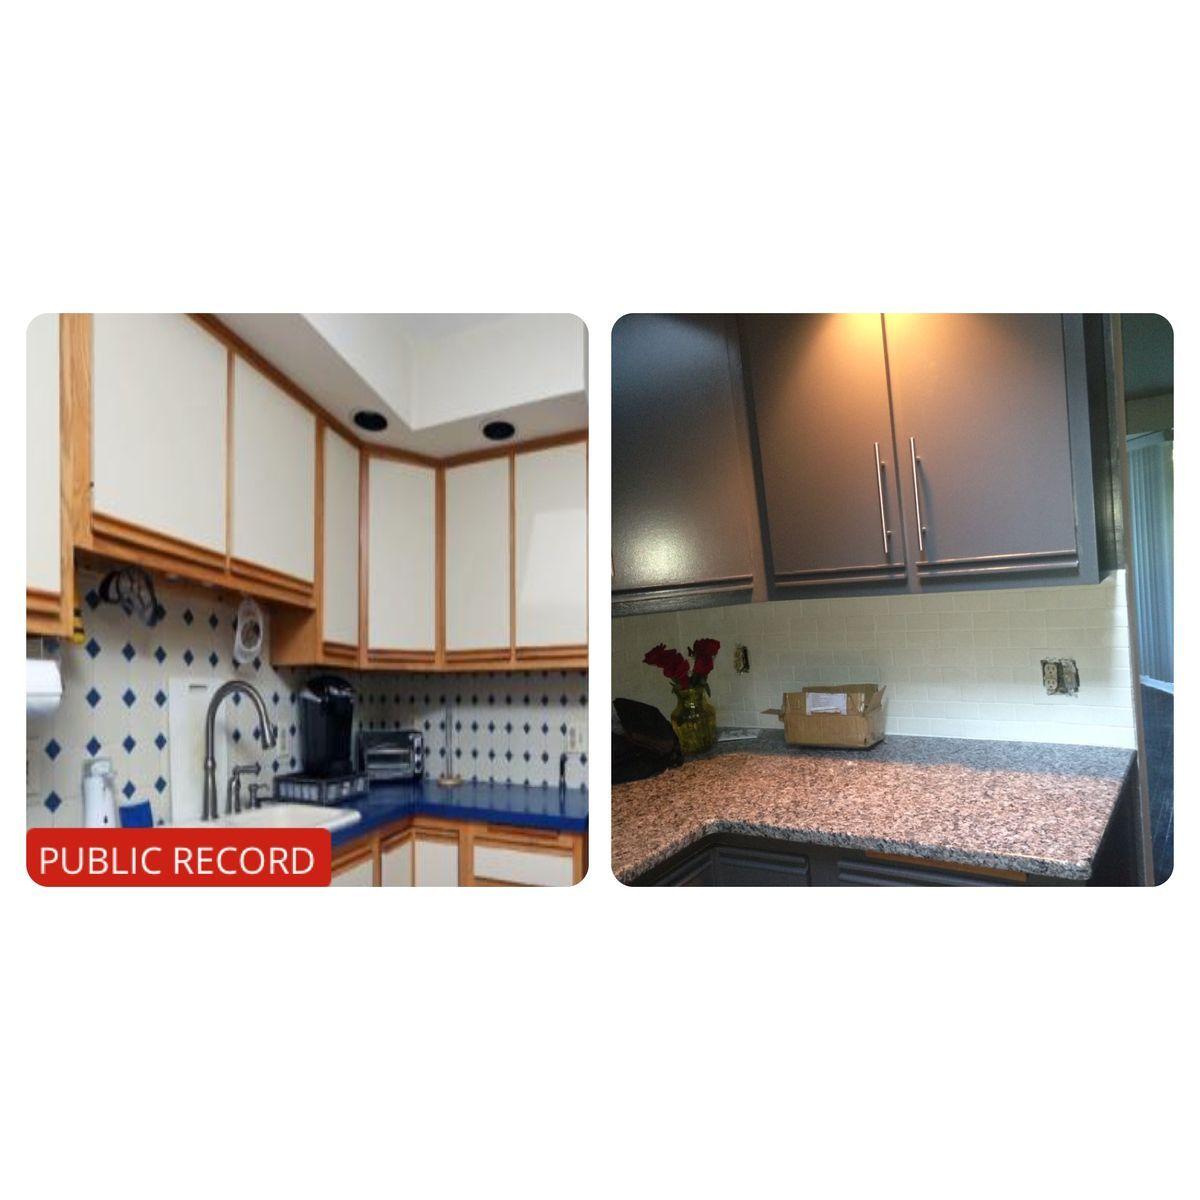 Bf5727fa842603af5d246a9fbd56b623 Jpg 1 200 1 200 Pixels Laminate Kitchen Cabinets Painting Laminate Kitchen Cabinets Budget Kitchen Remodel